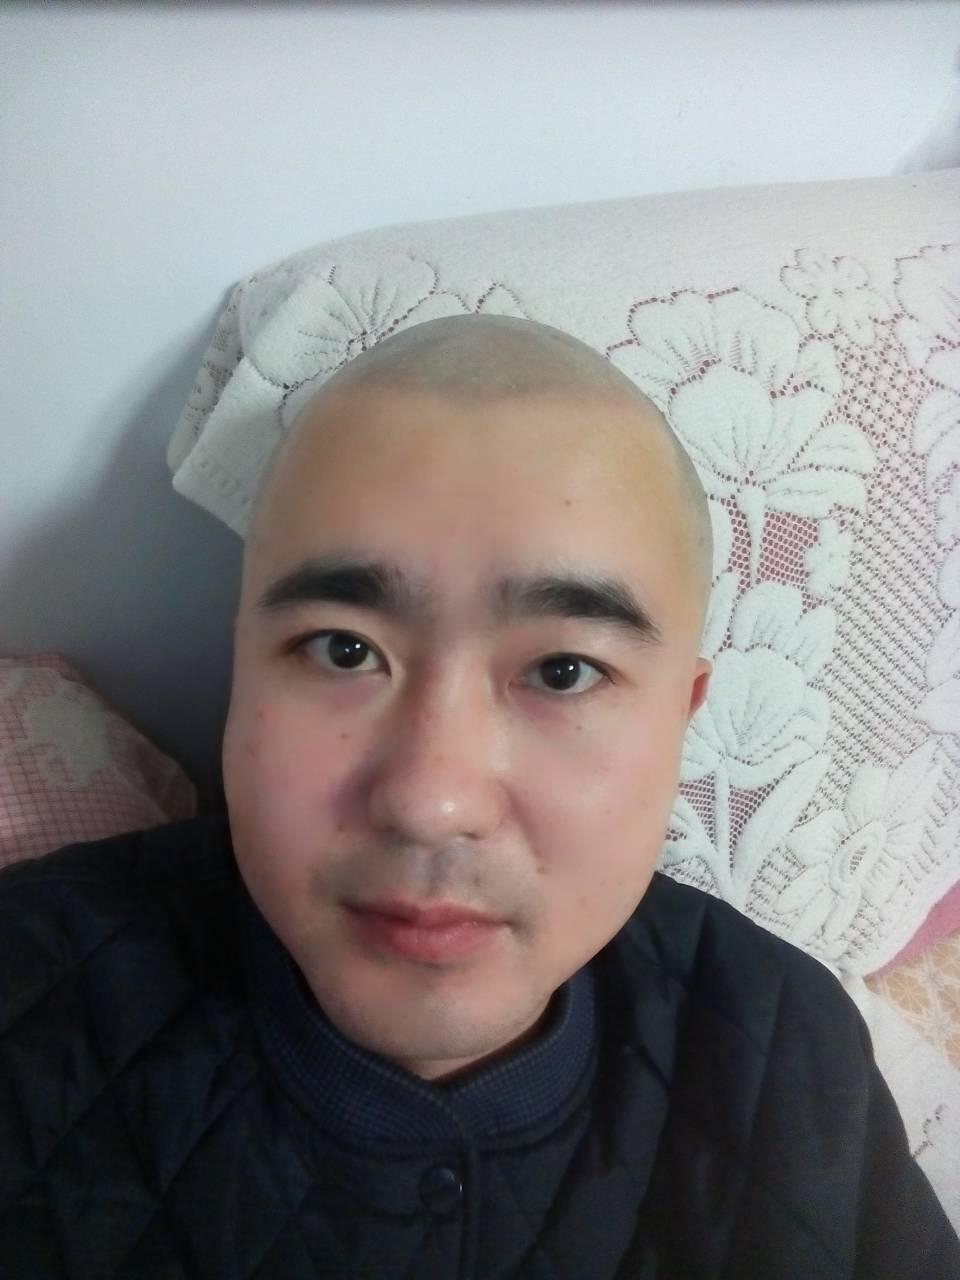 光头发型男图片